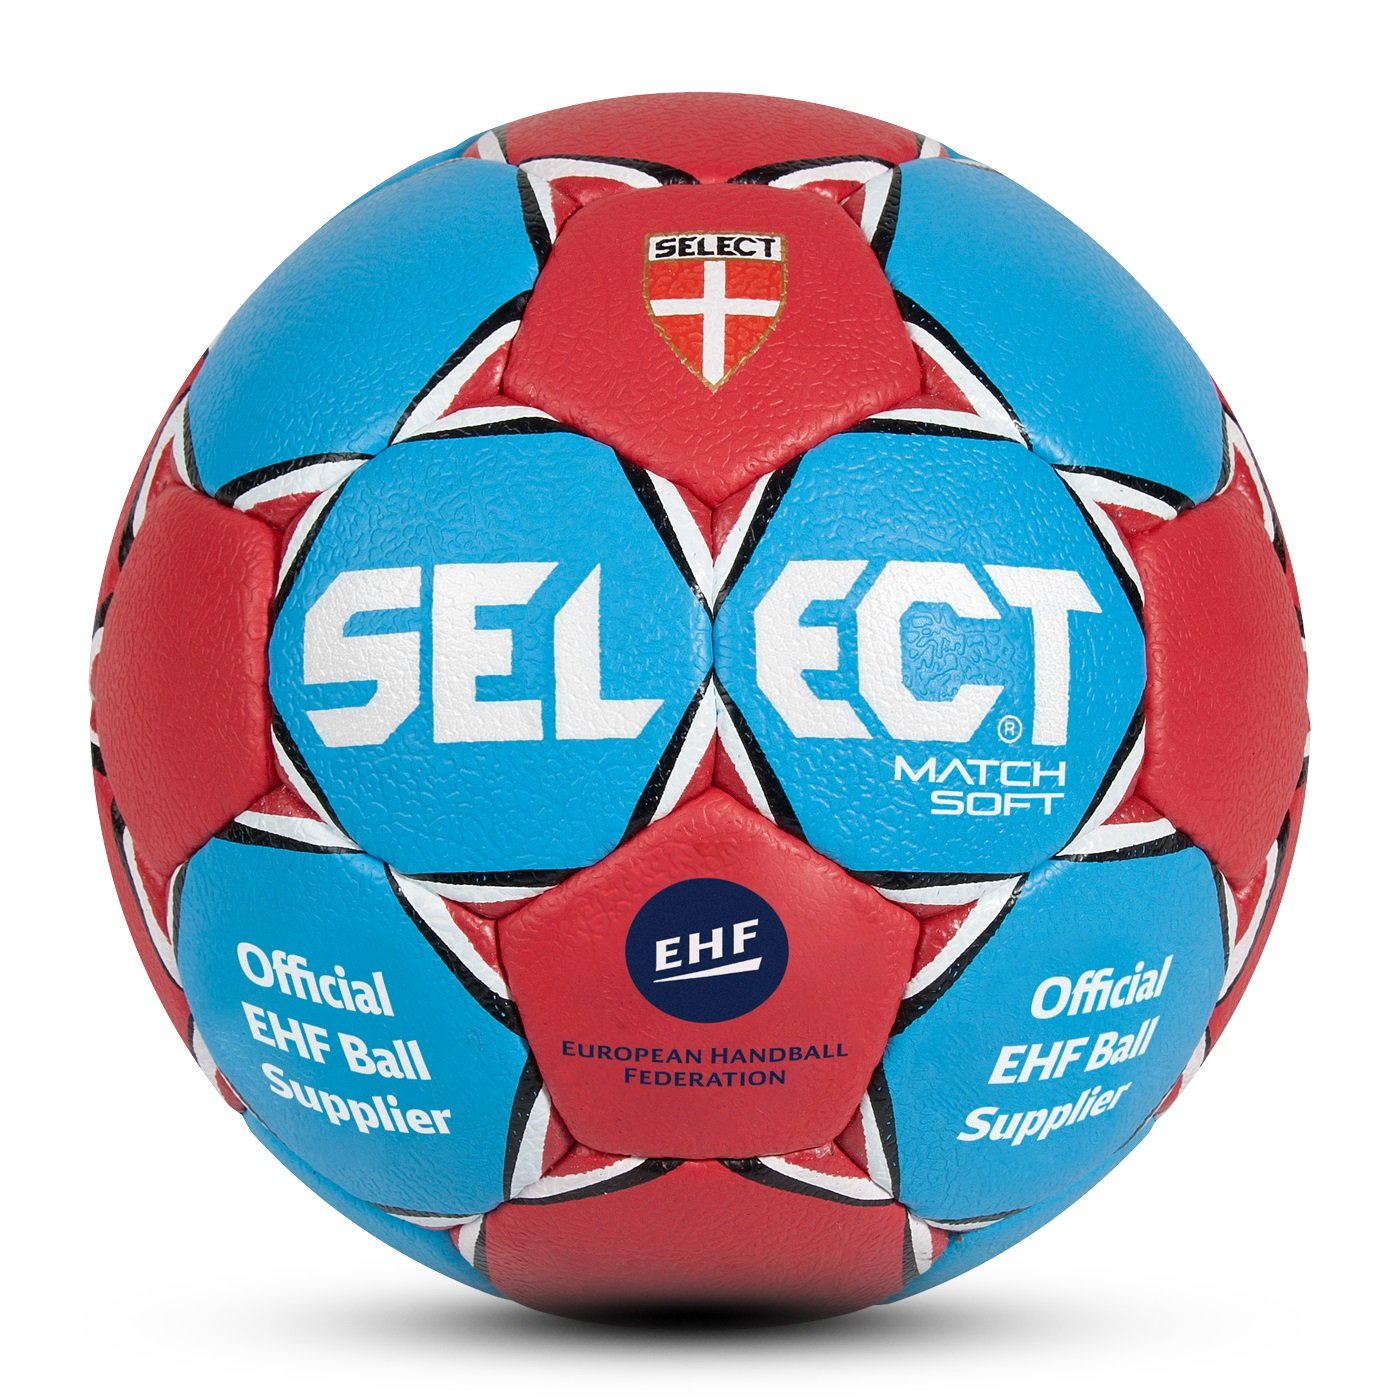 Select Handball Match Soft - Balón de Balonmano Suave, Color Gris ...